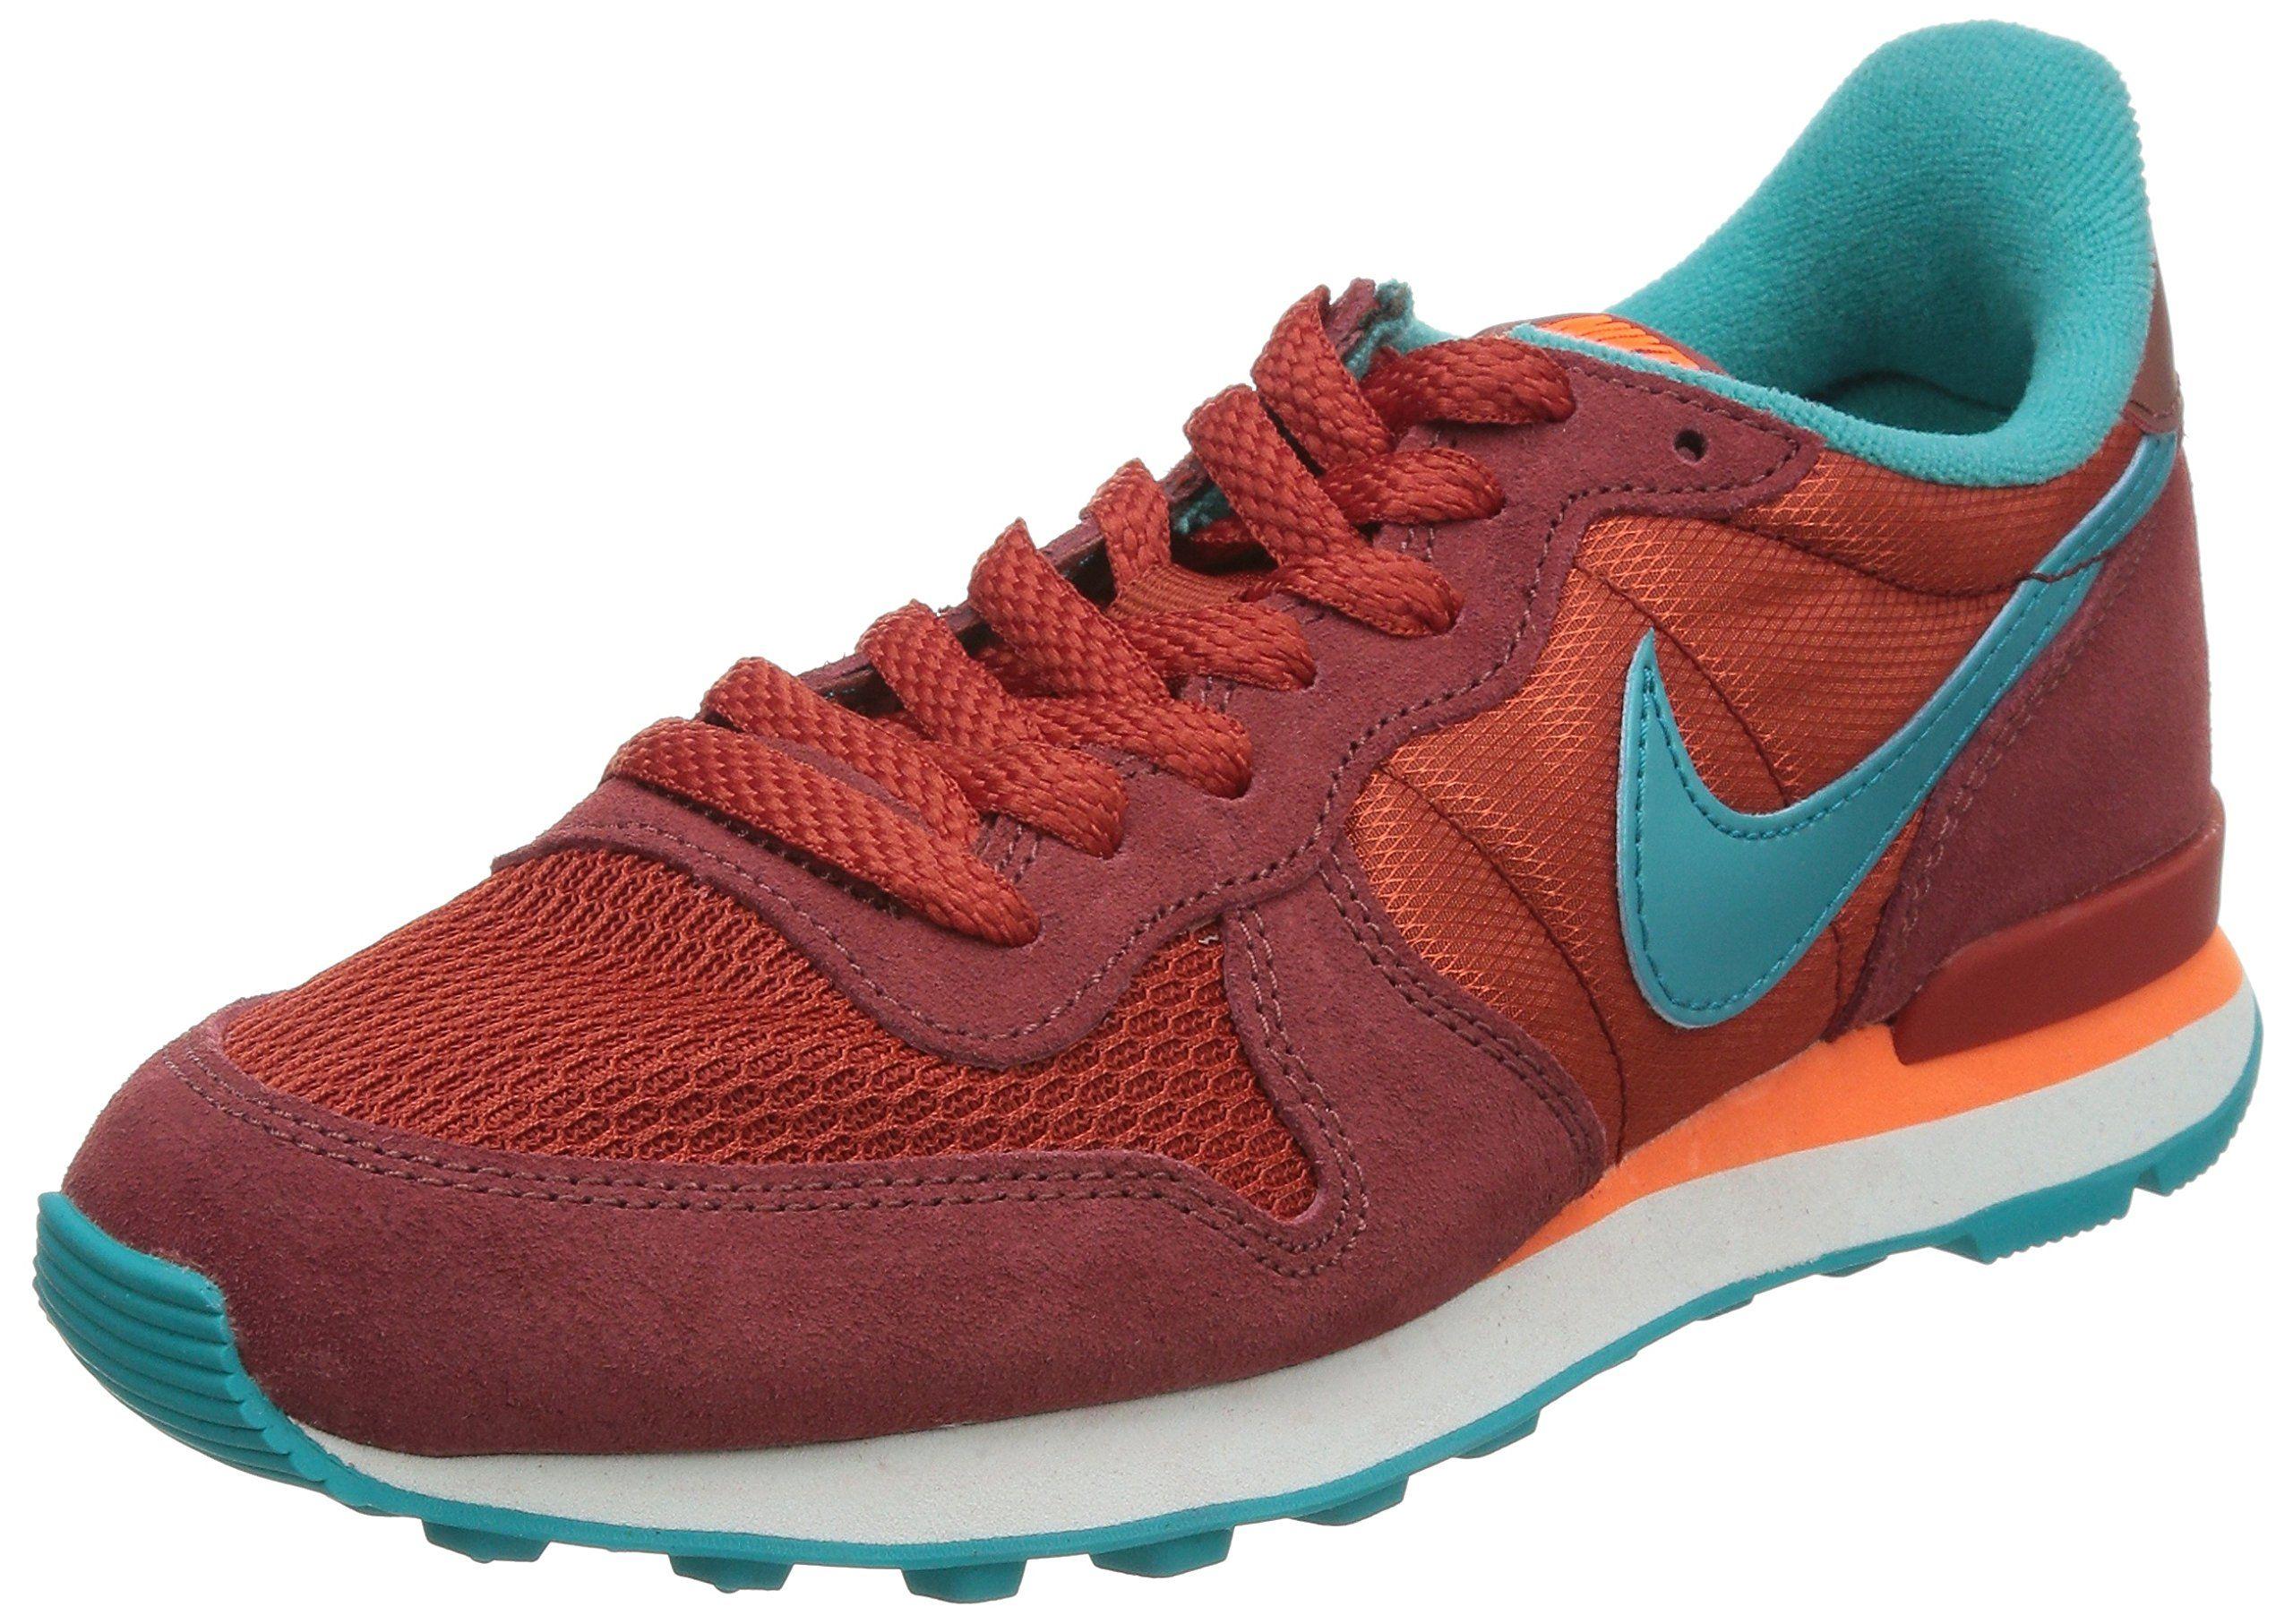 buy popular cf0a0 95250 Nike Women s Internationalist - Cedar   Cinnabar-Hyper Crimson-Dusty  Cactus, 6 B US